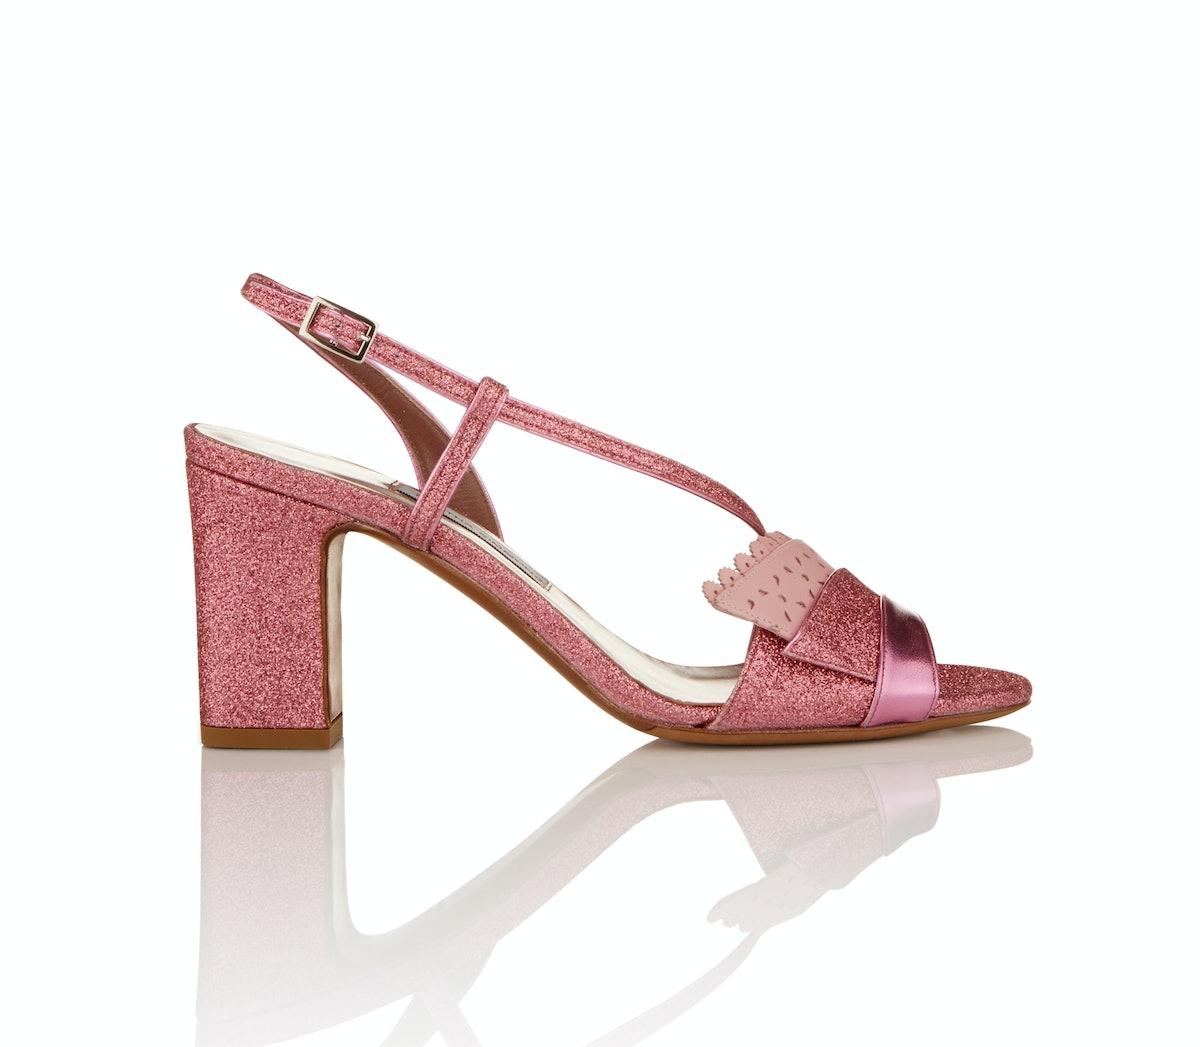 Tabitha Simmons Bunny Sandals